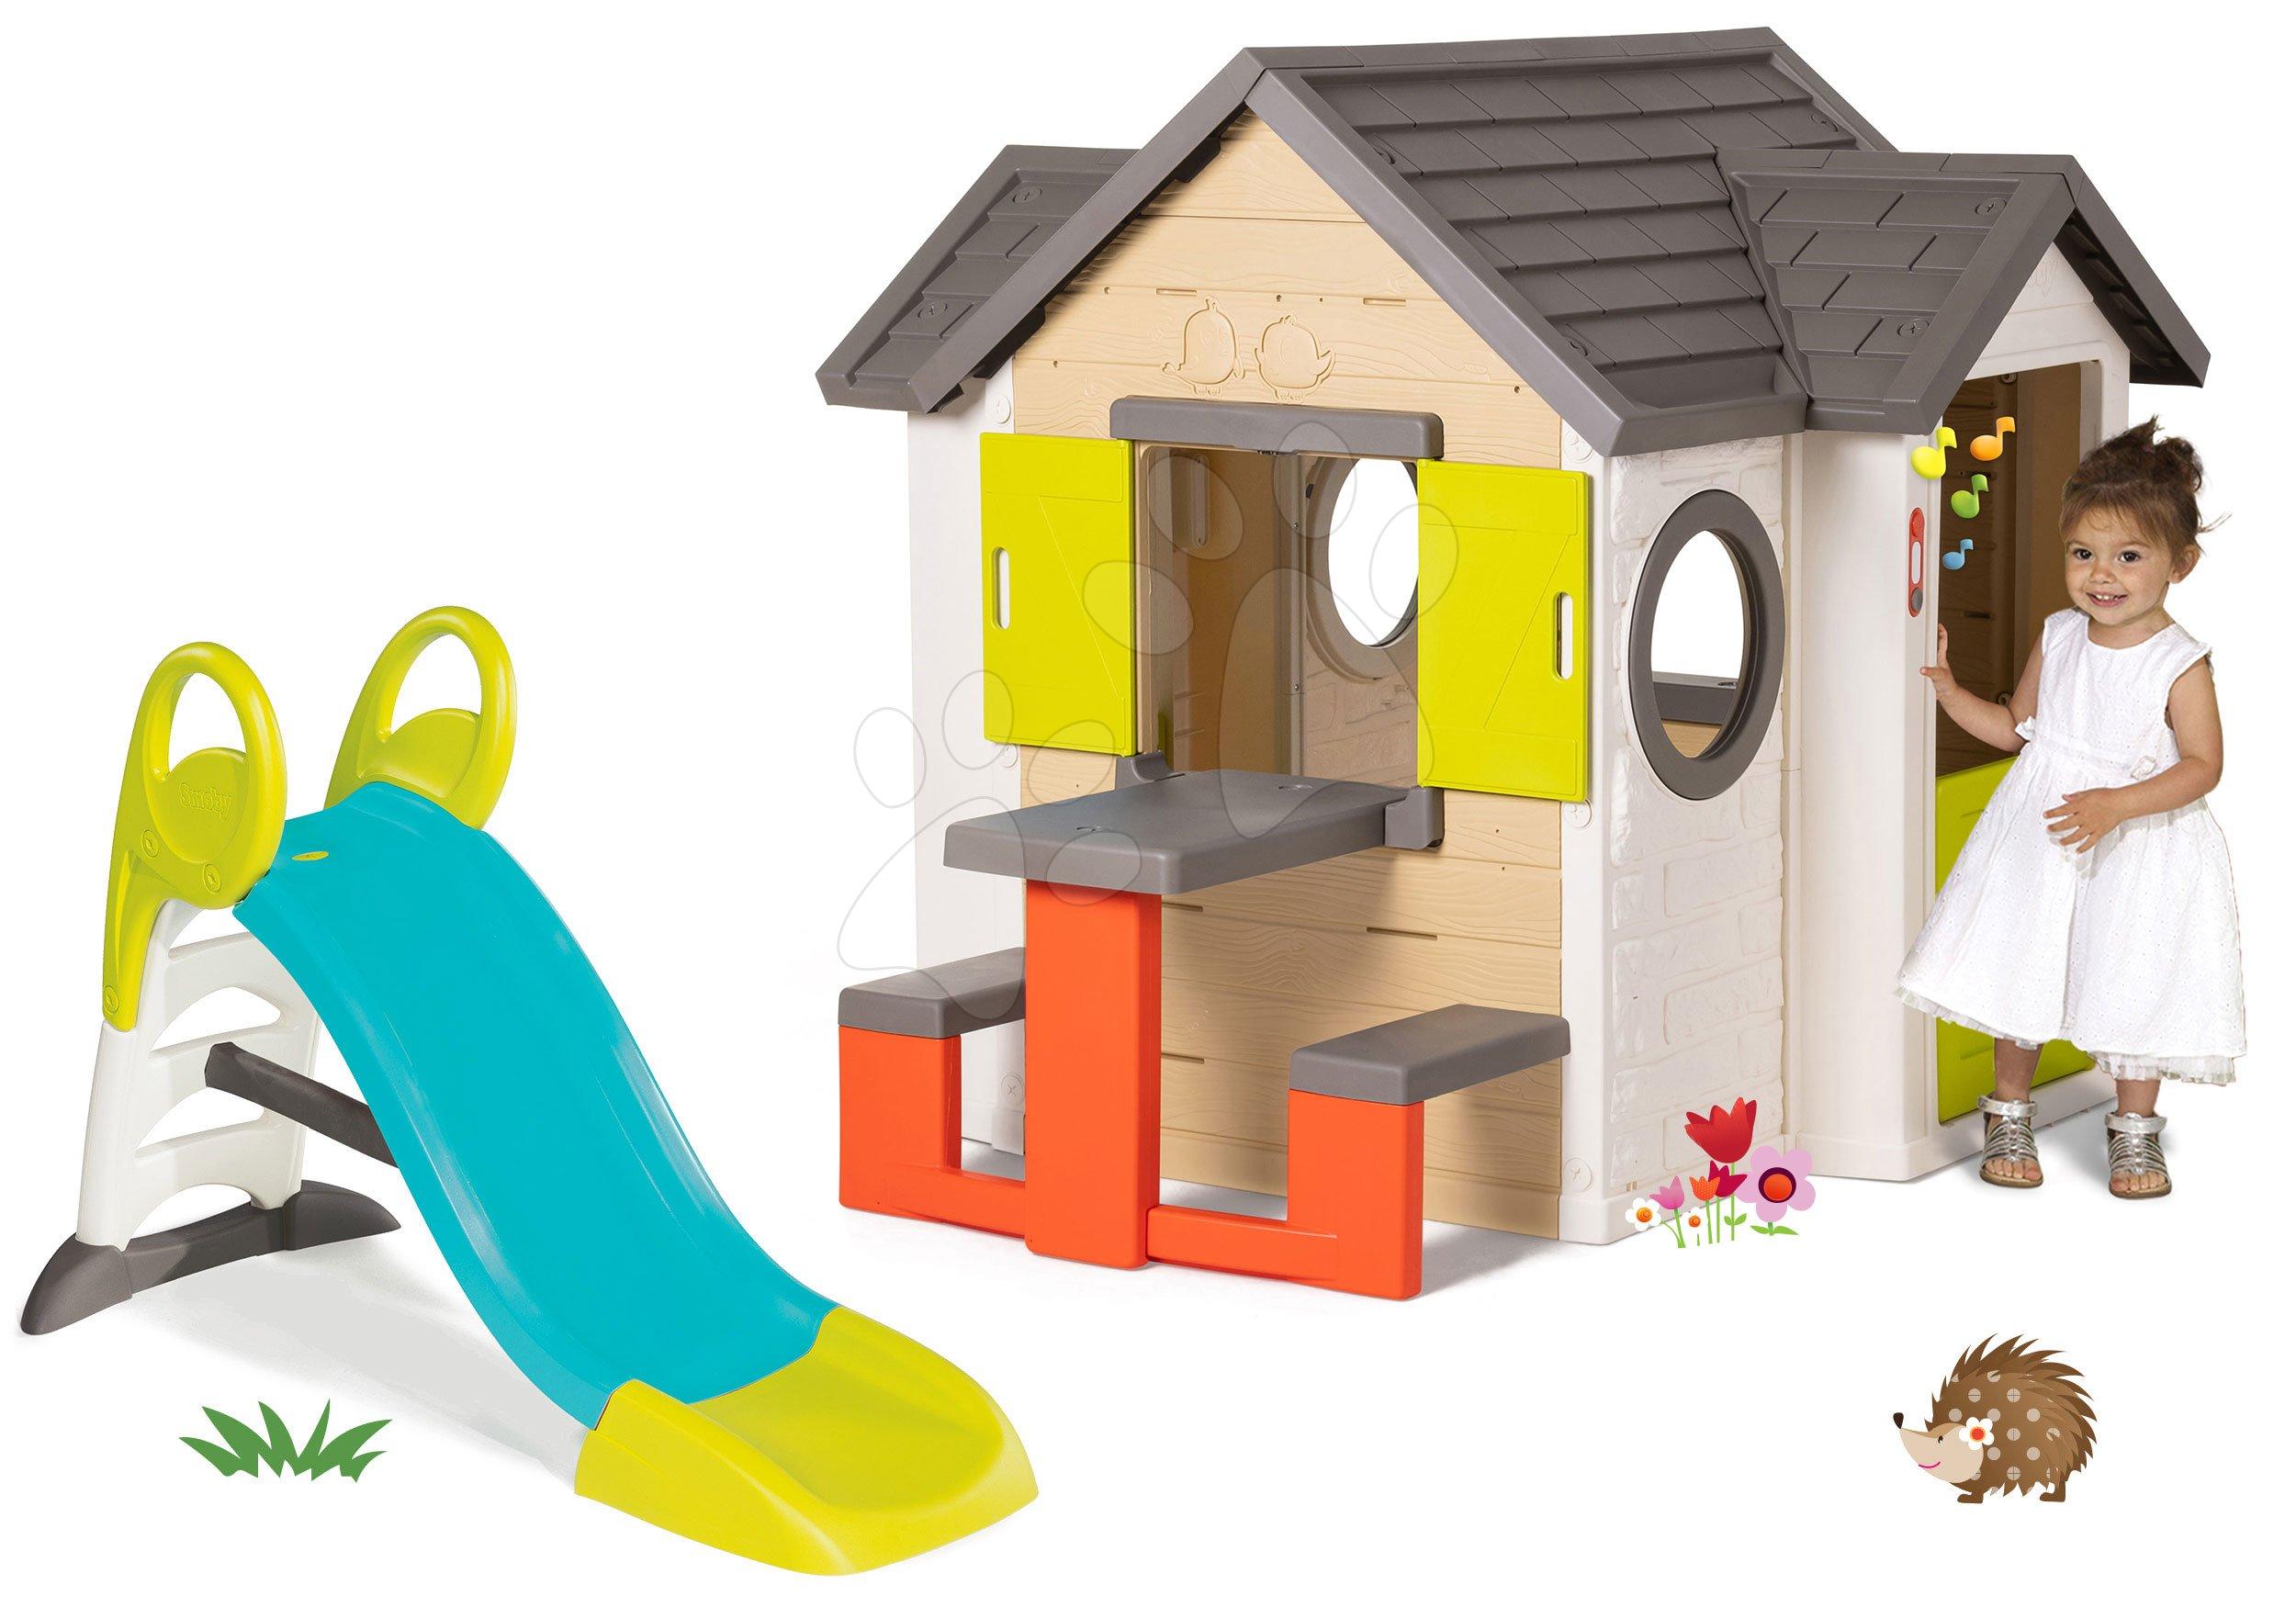 Szett házikó My Neo House DeLuxe Smoby csengővel asztallal és csúszda Toboggan KS vízzel 1,5 m hosszú 24 hó-tól